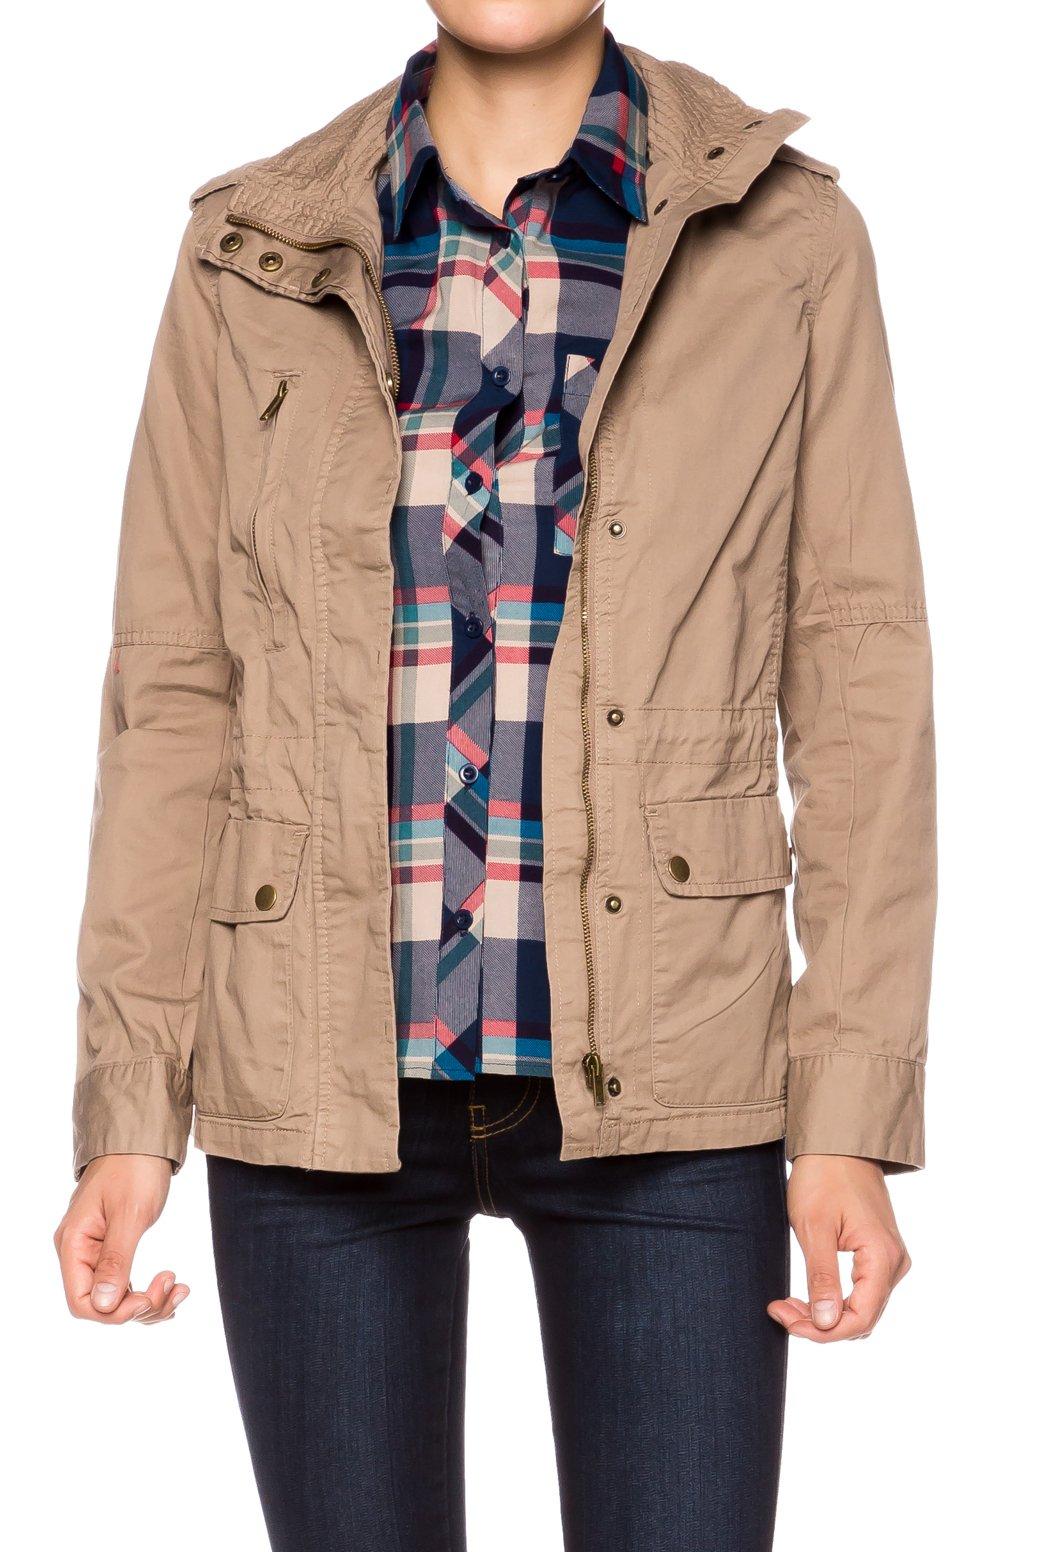 Apparel Sense A.S Juniors Casual Cotton Vintage Woven Jacket-Khaki-Large